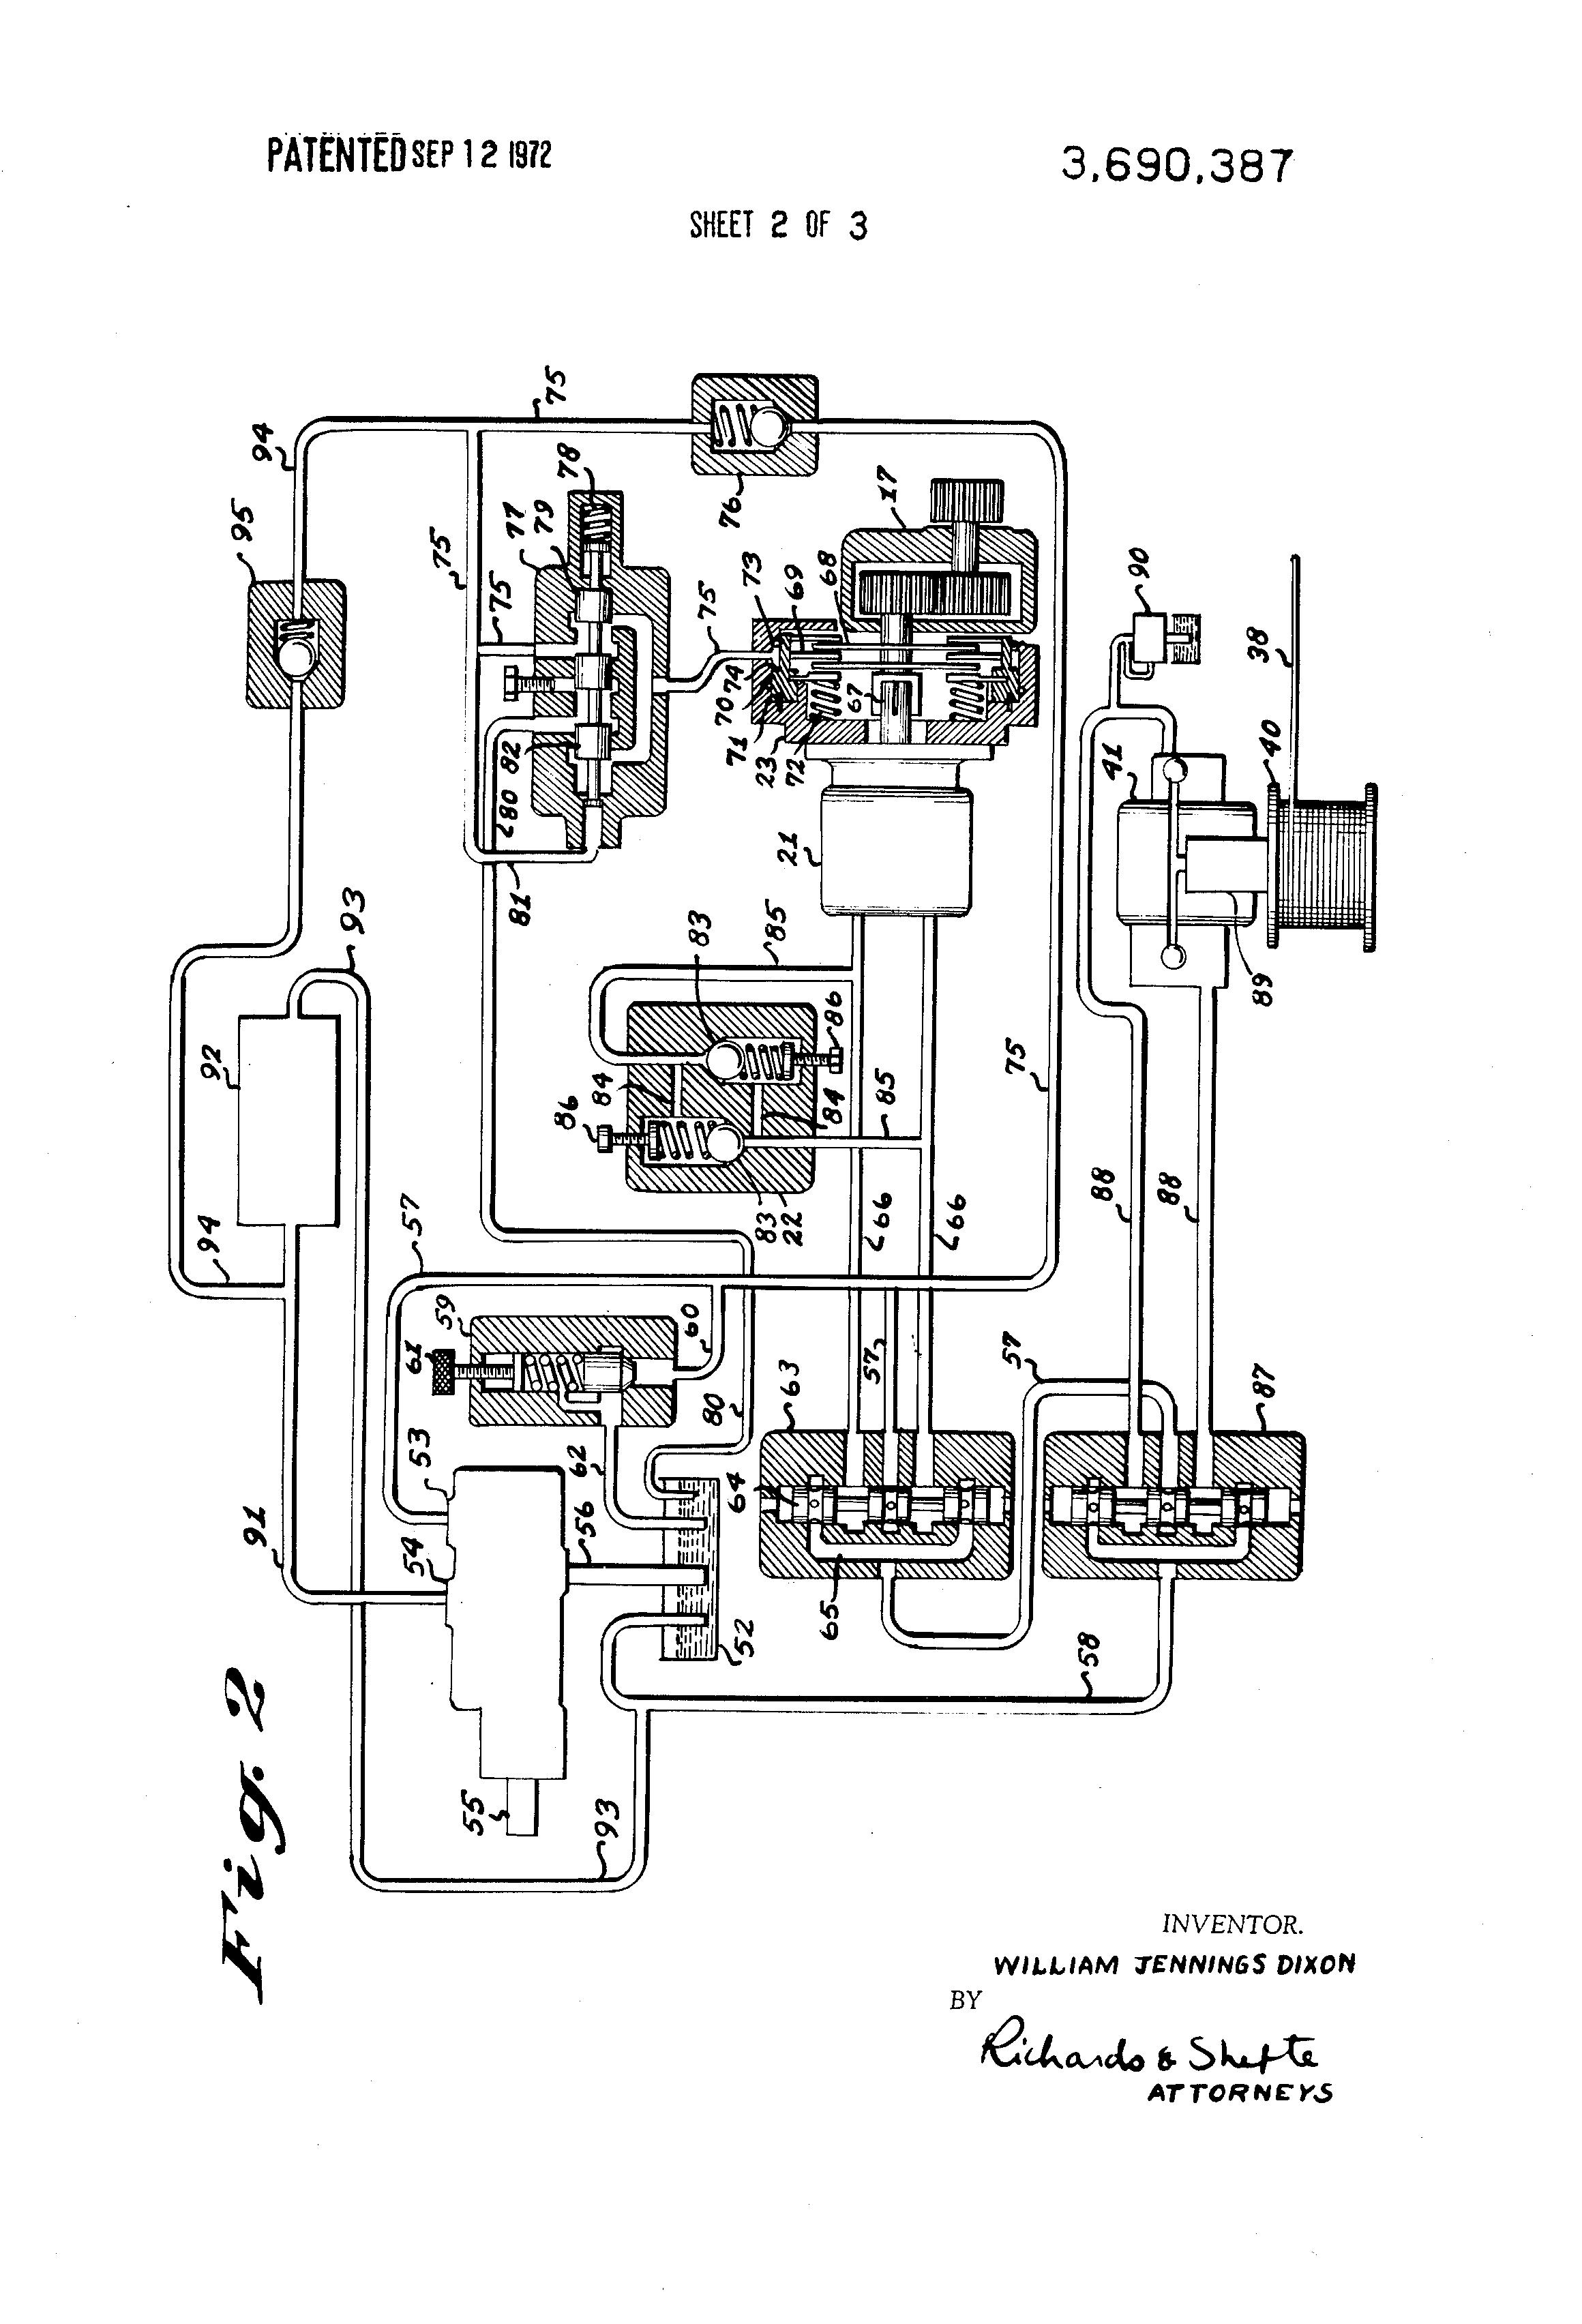 altech 2 port valve wiring diagram wiki share rh wikishare us altec wiring diagrams altec wiring diagrams